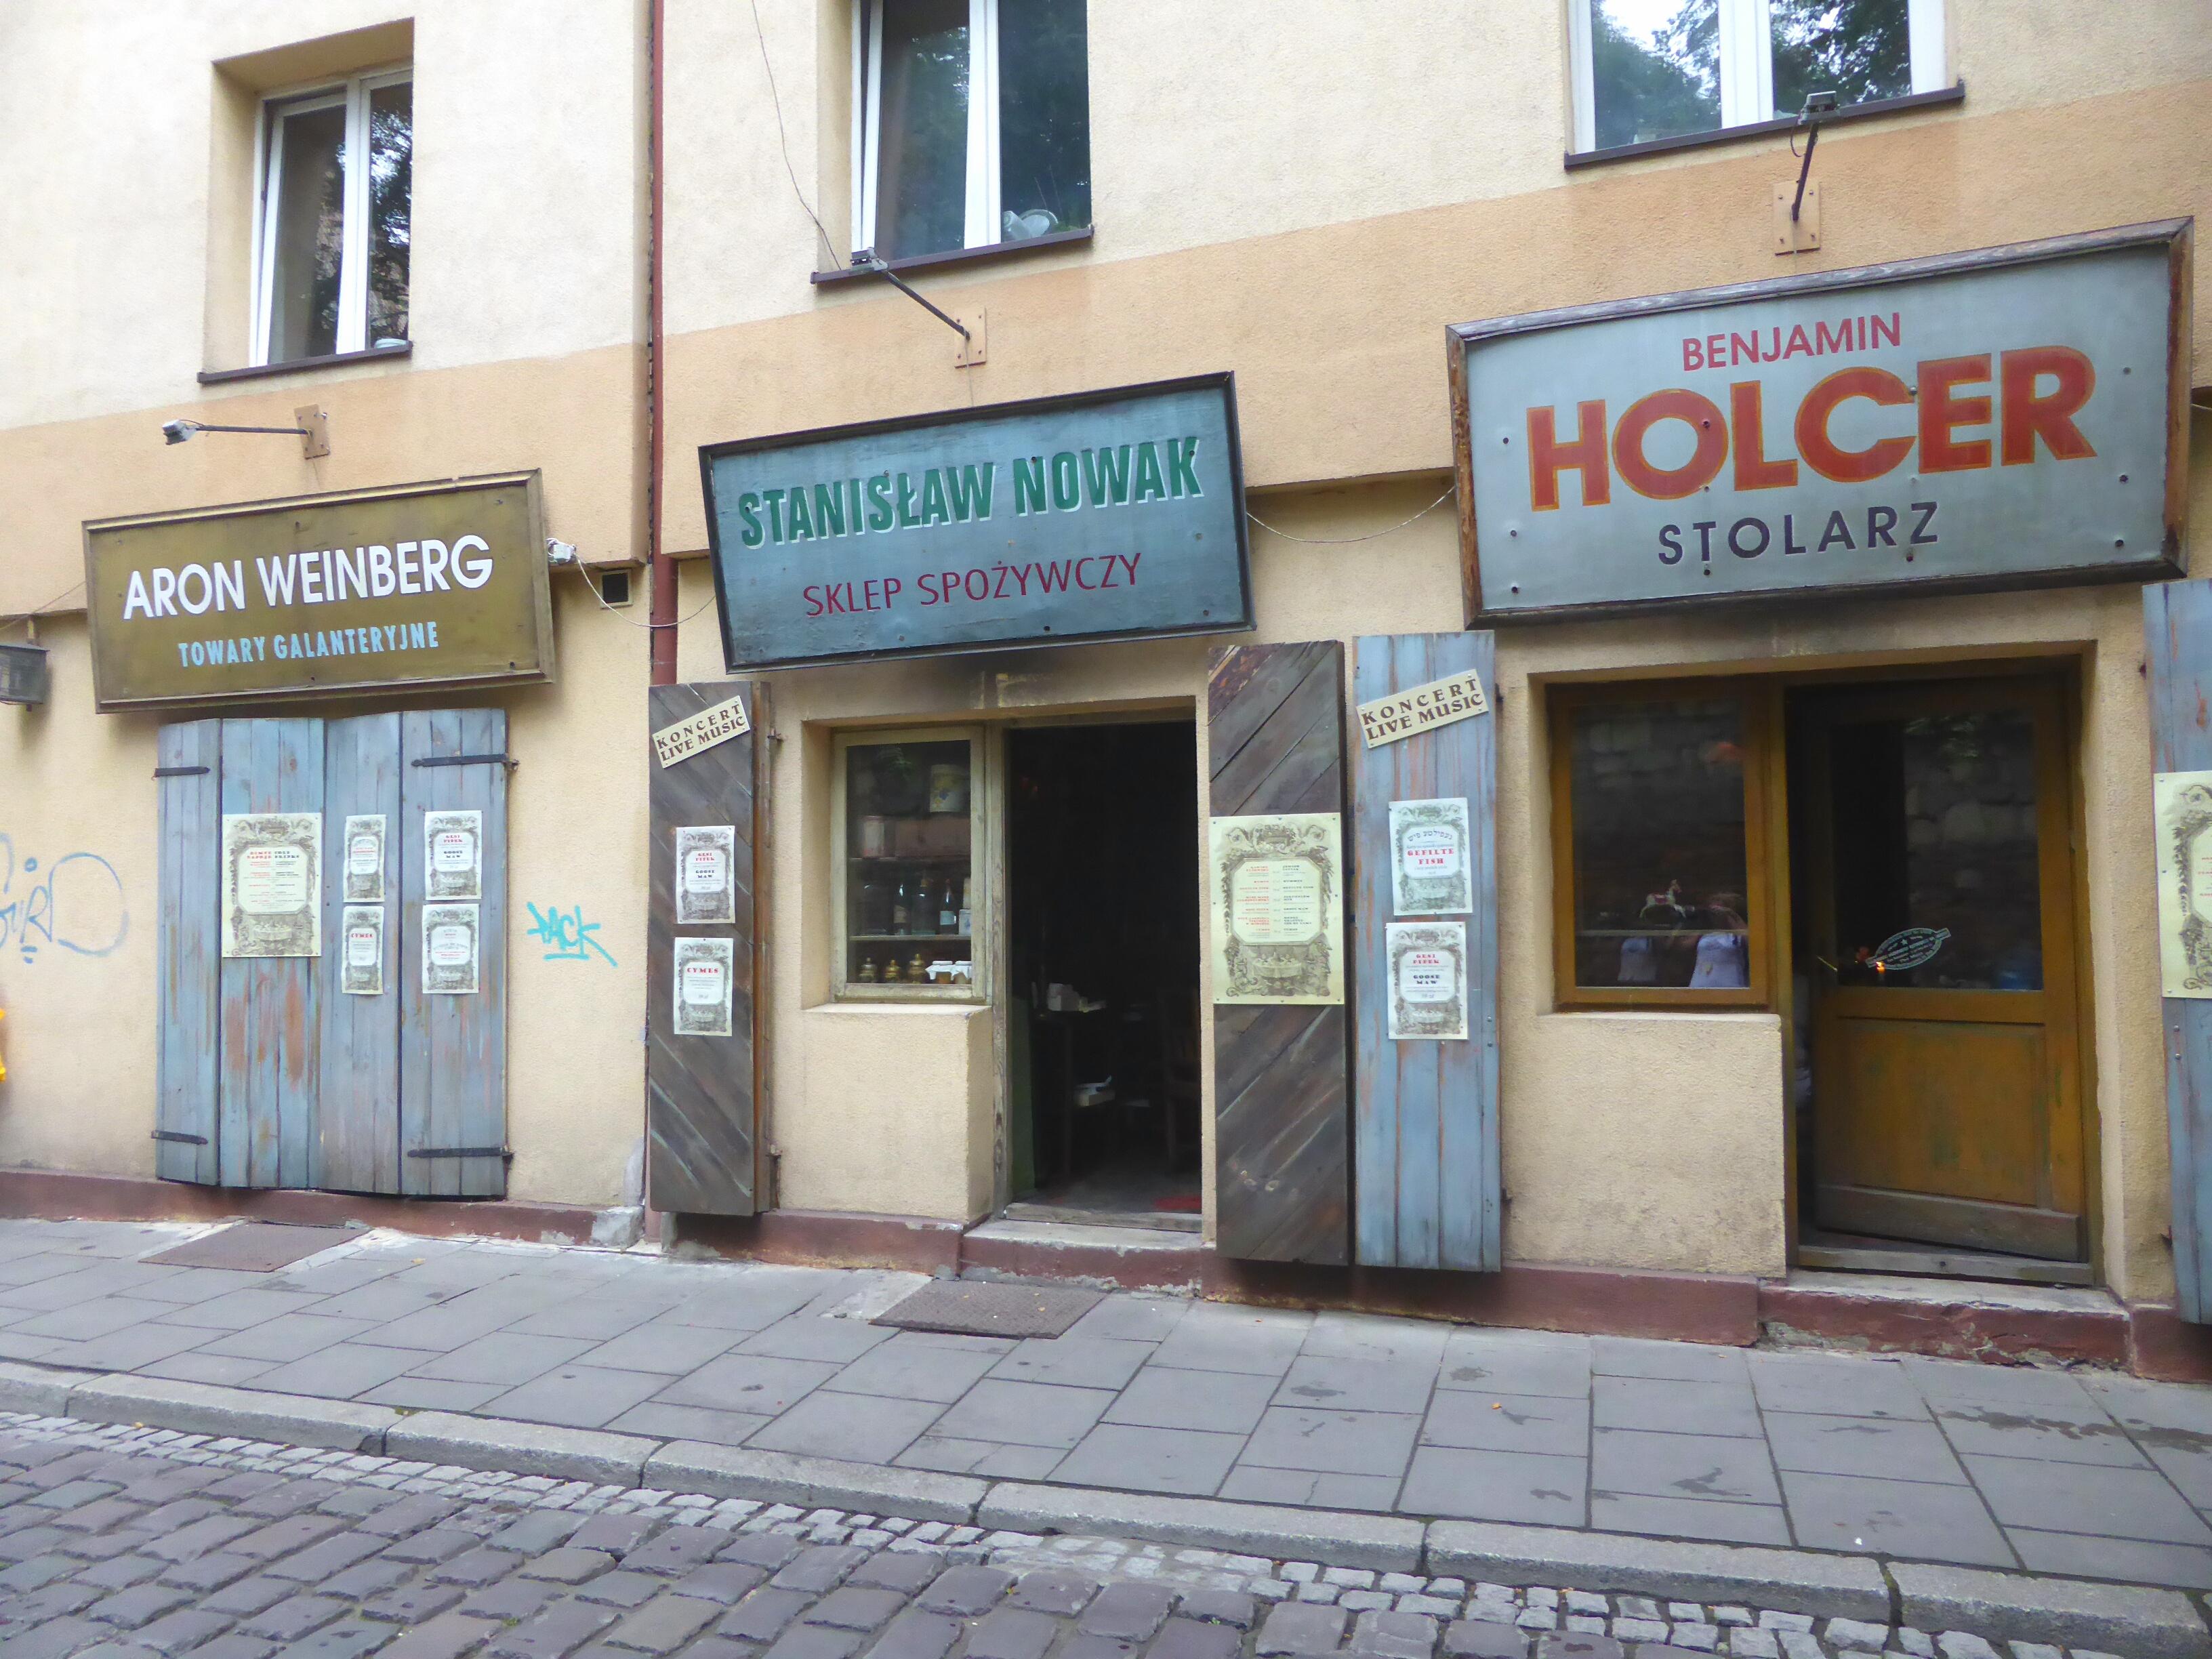 Hardlopen in Krakau, gevels met Joodse namen